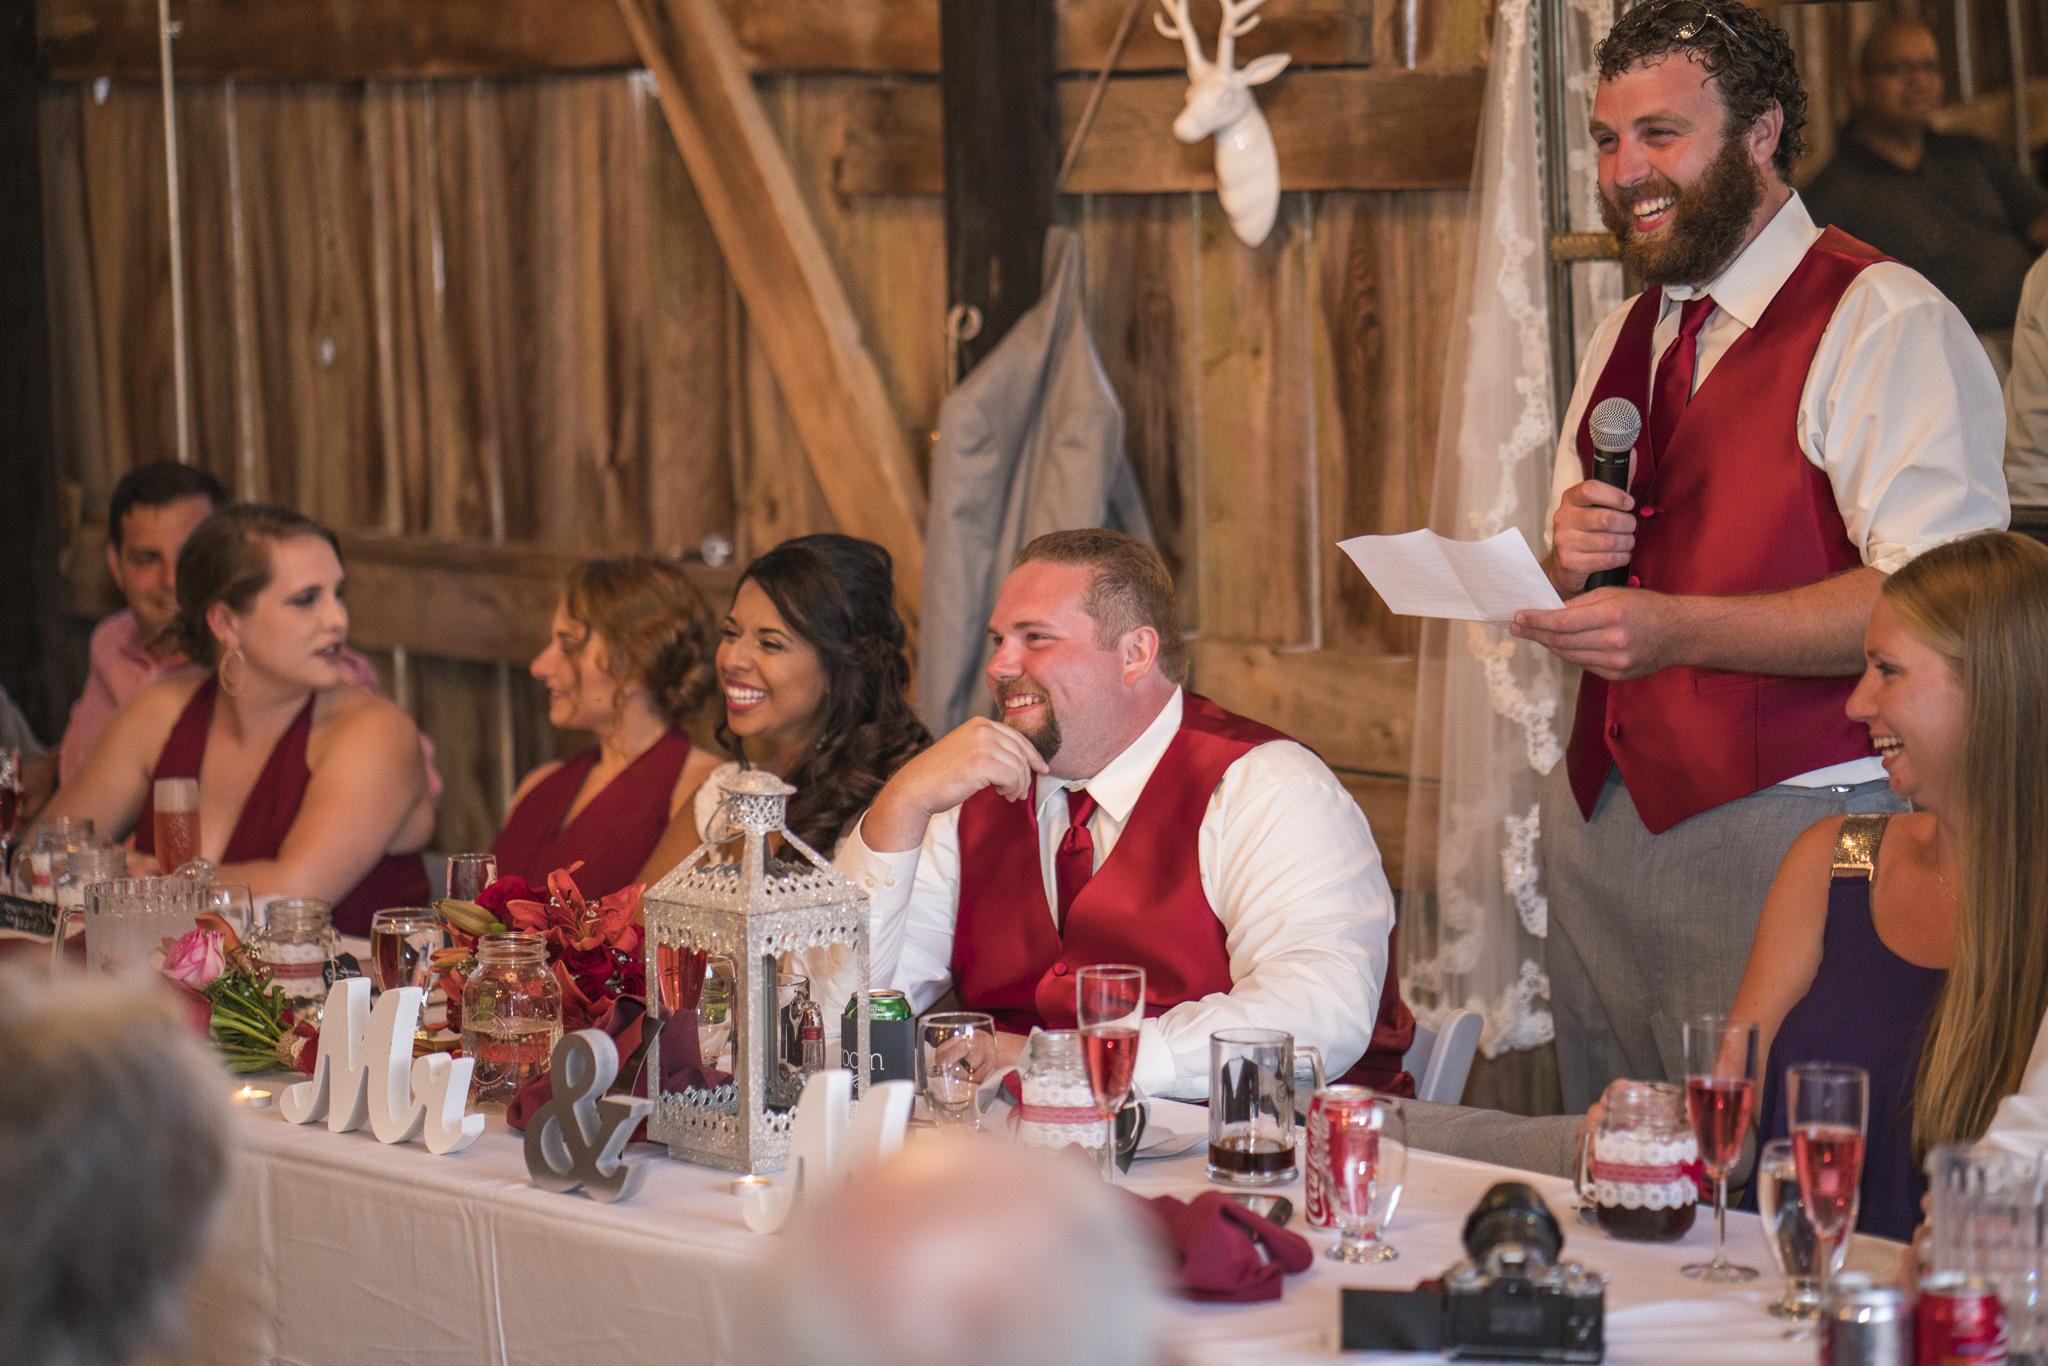 Elaine-Justin-Wedding-Online-Reception-154.jpg